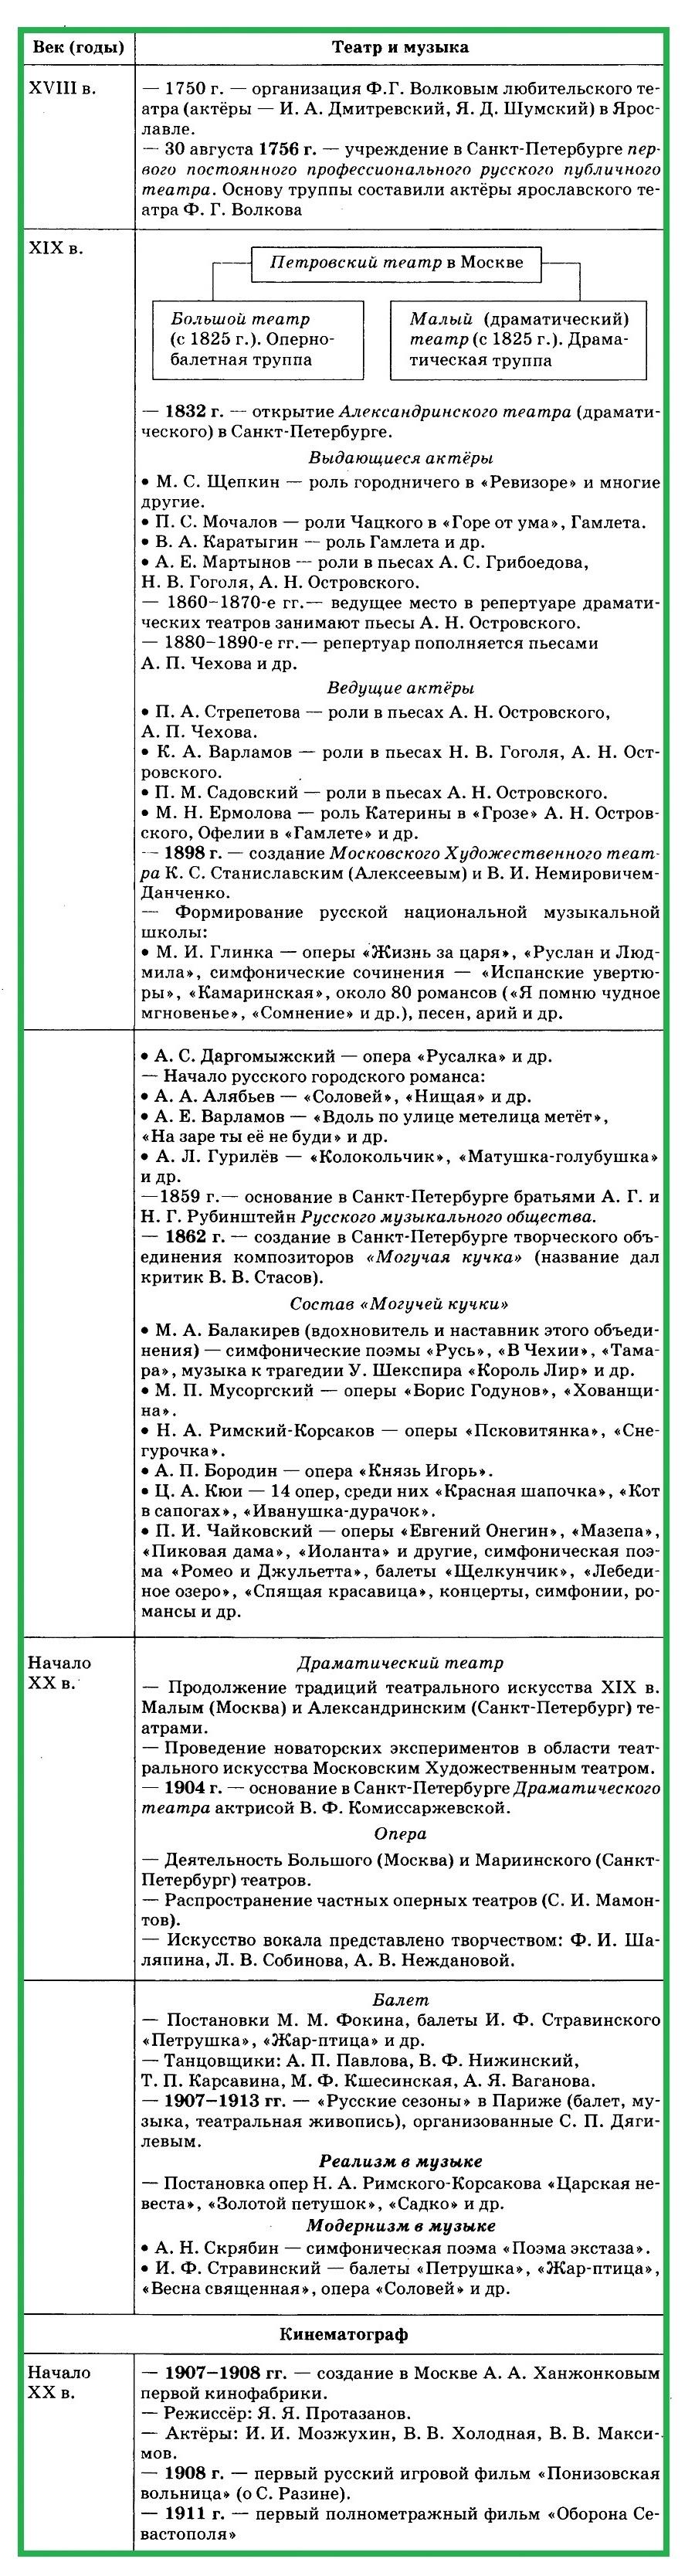 театр и музыка в XVIII - начале ХХ вв.